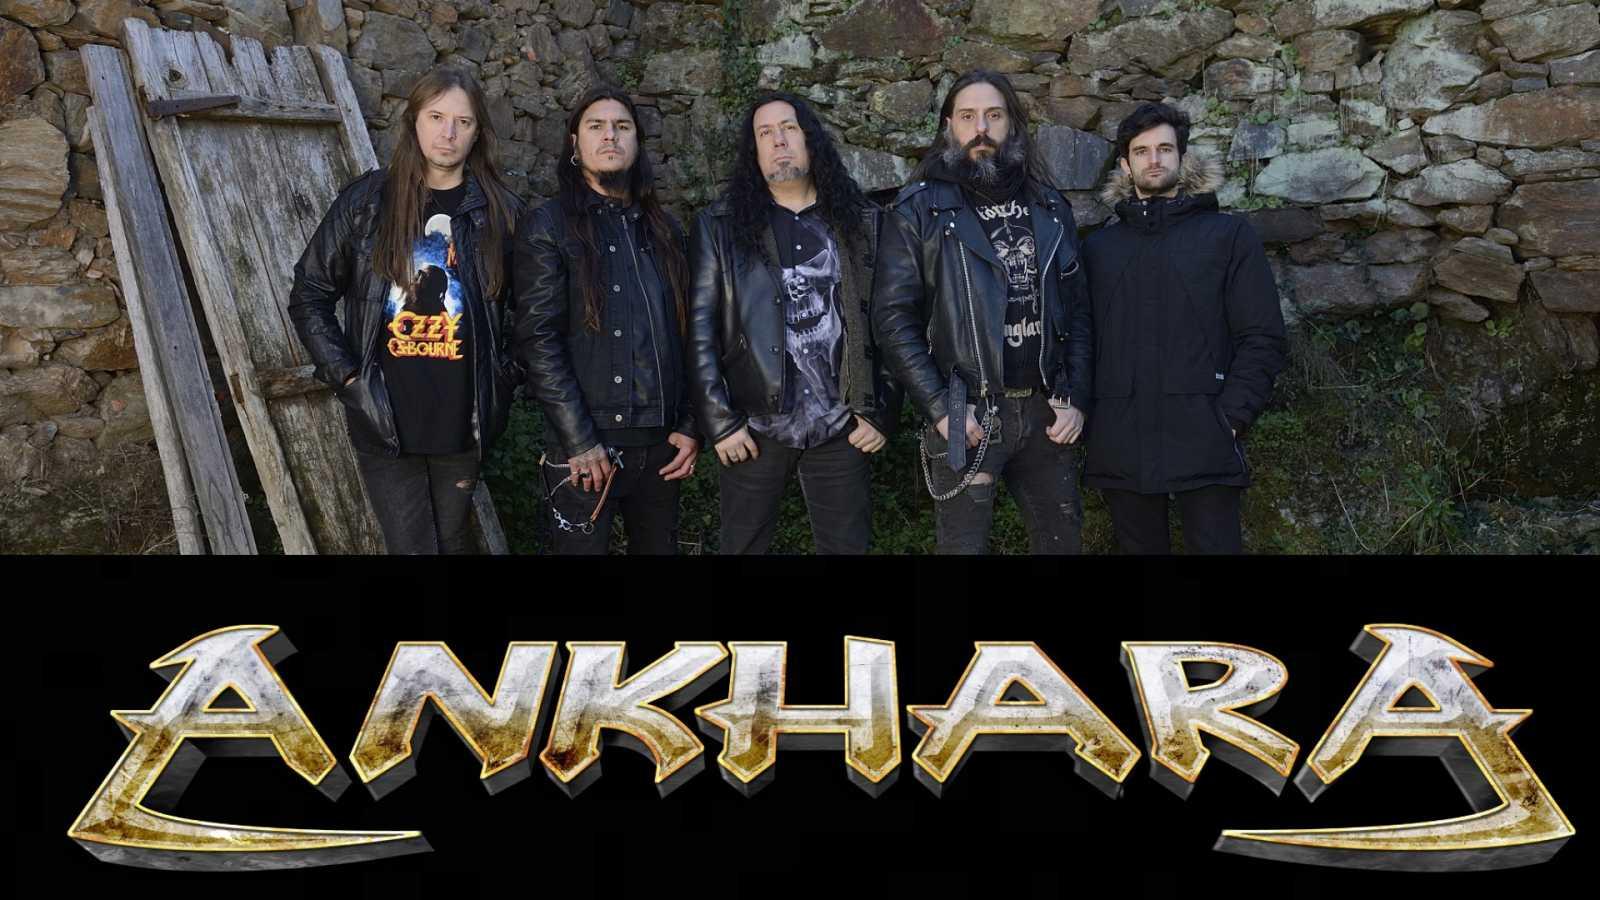 El Vuelo del Fénix - Ankhara, Lándevir y Zirrosis - 09/03/21 - escuchar ahora